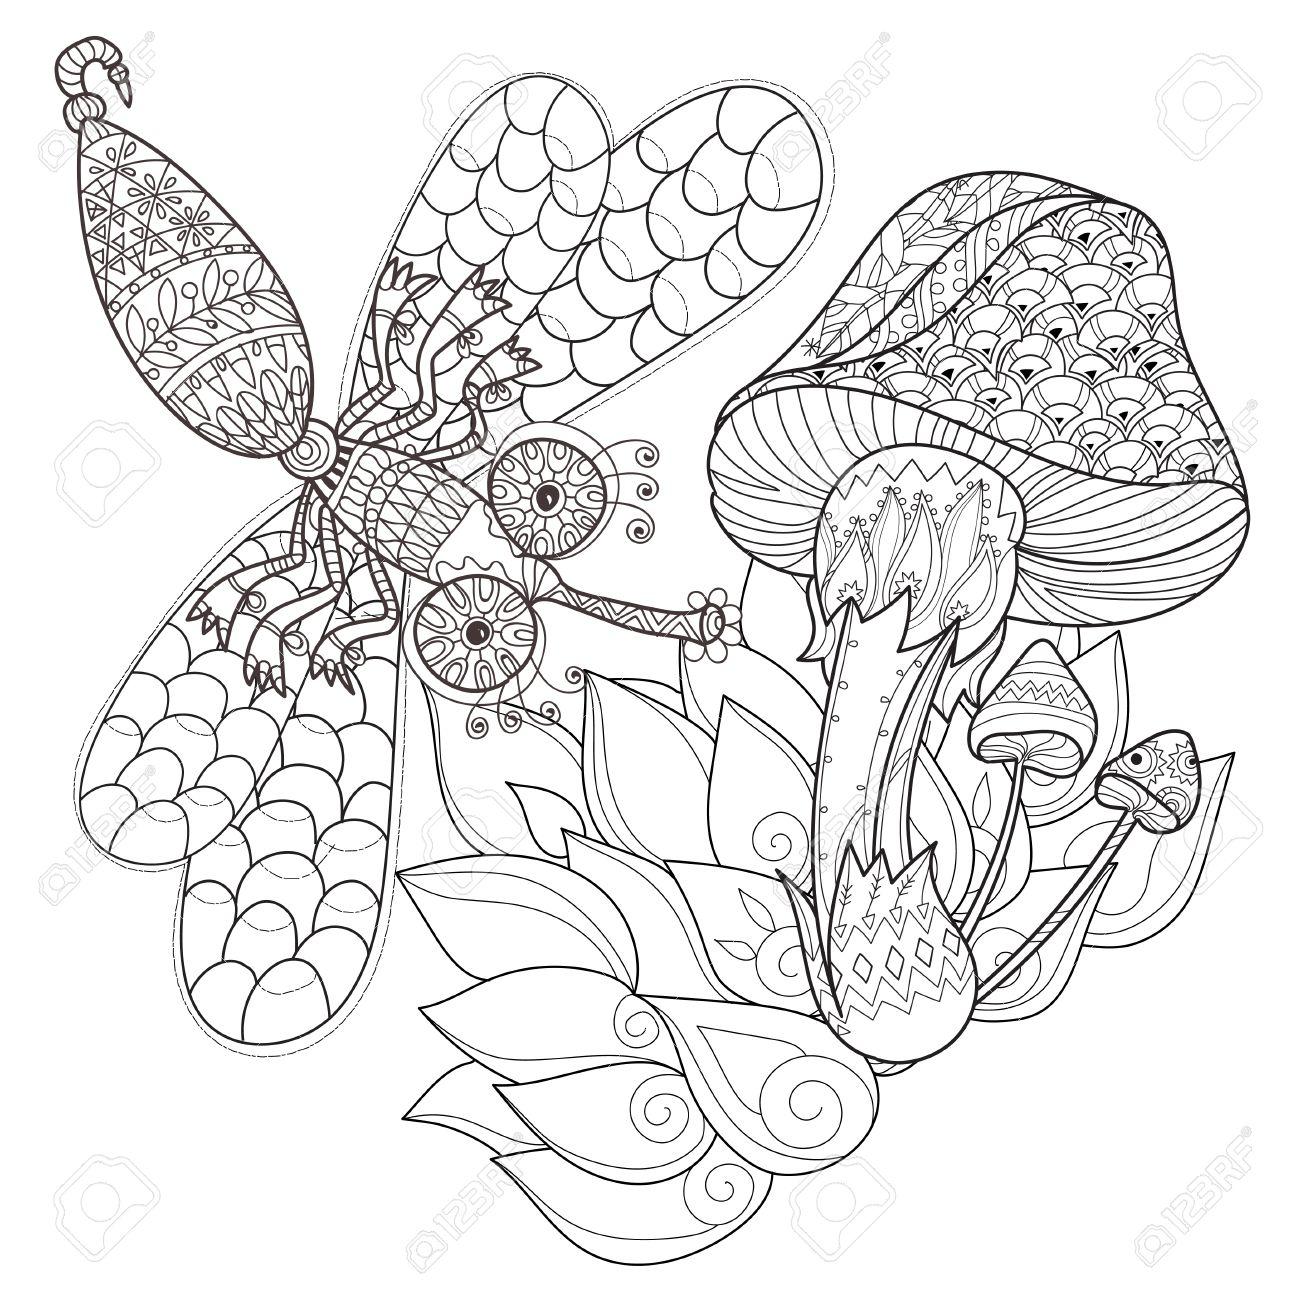 Hand Gezeichnet Doodle Umriss Magische Pilze Und Libelle Mit ...